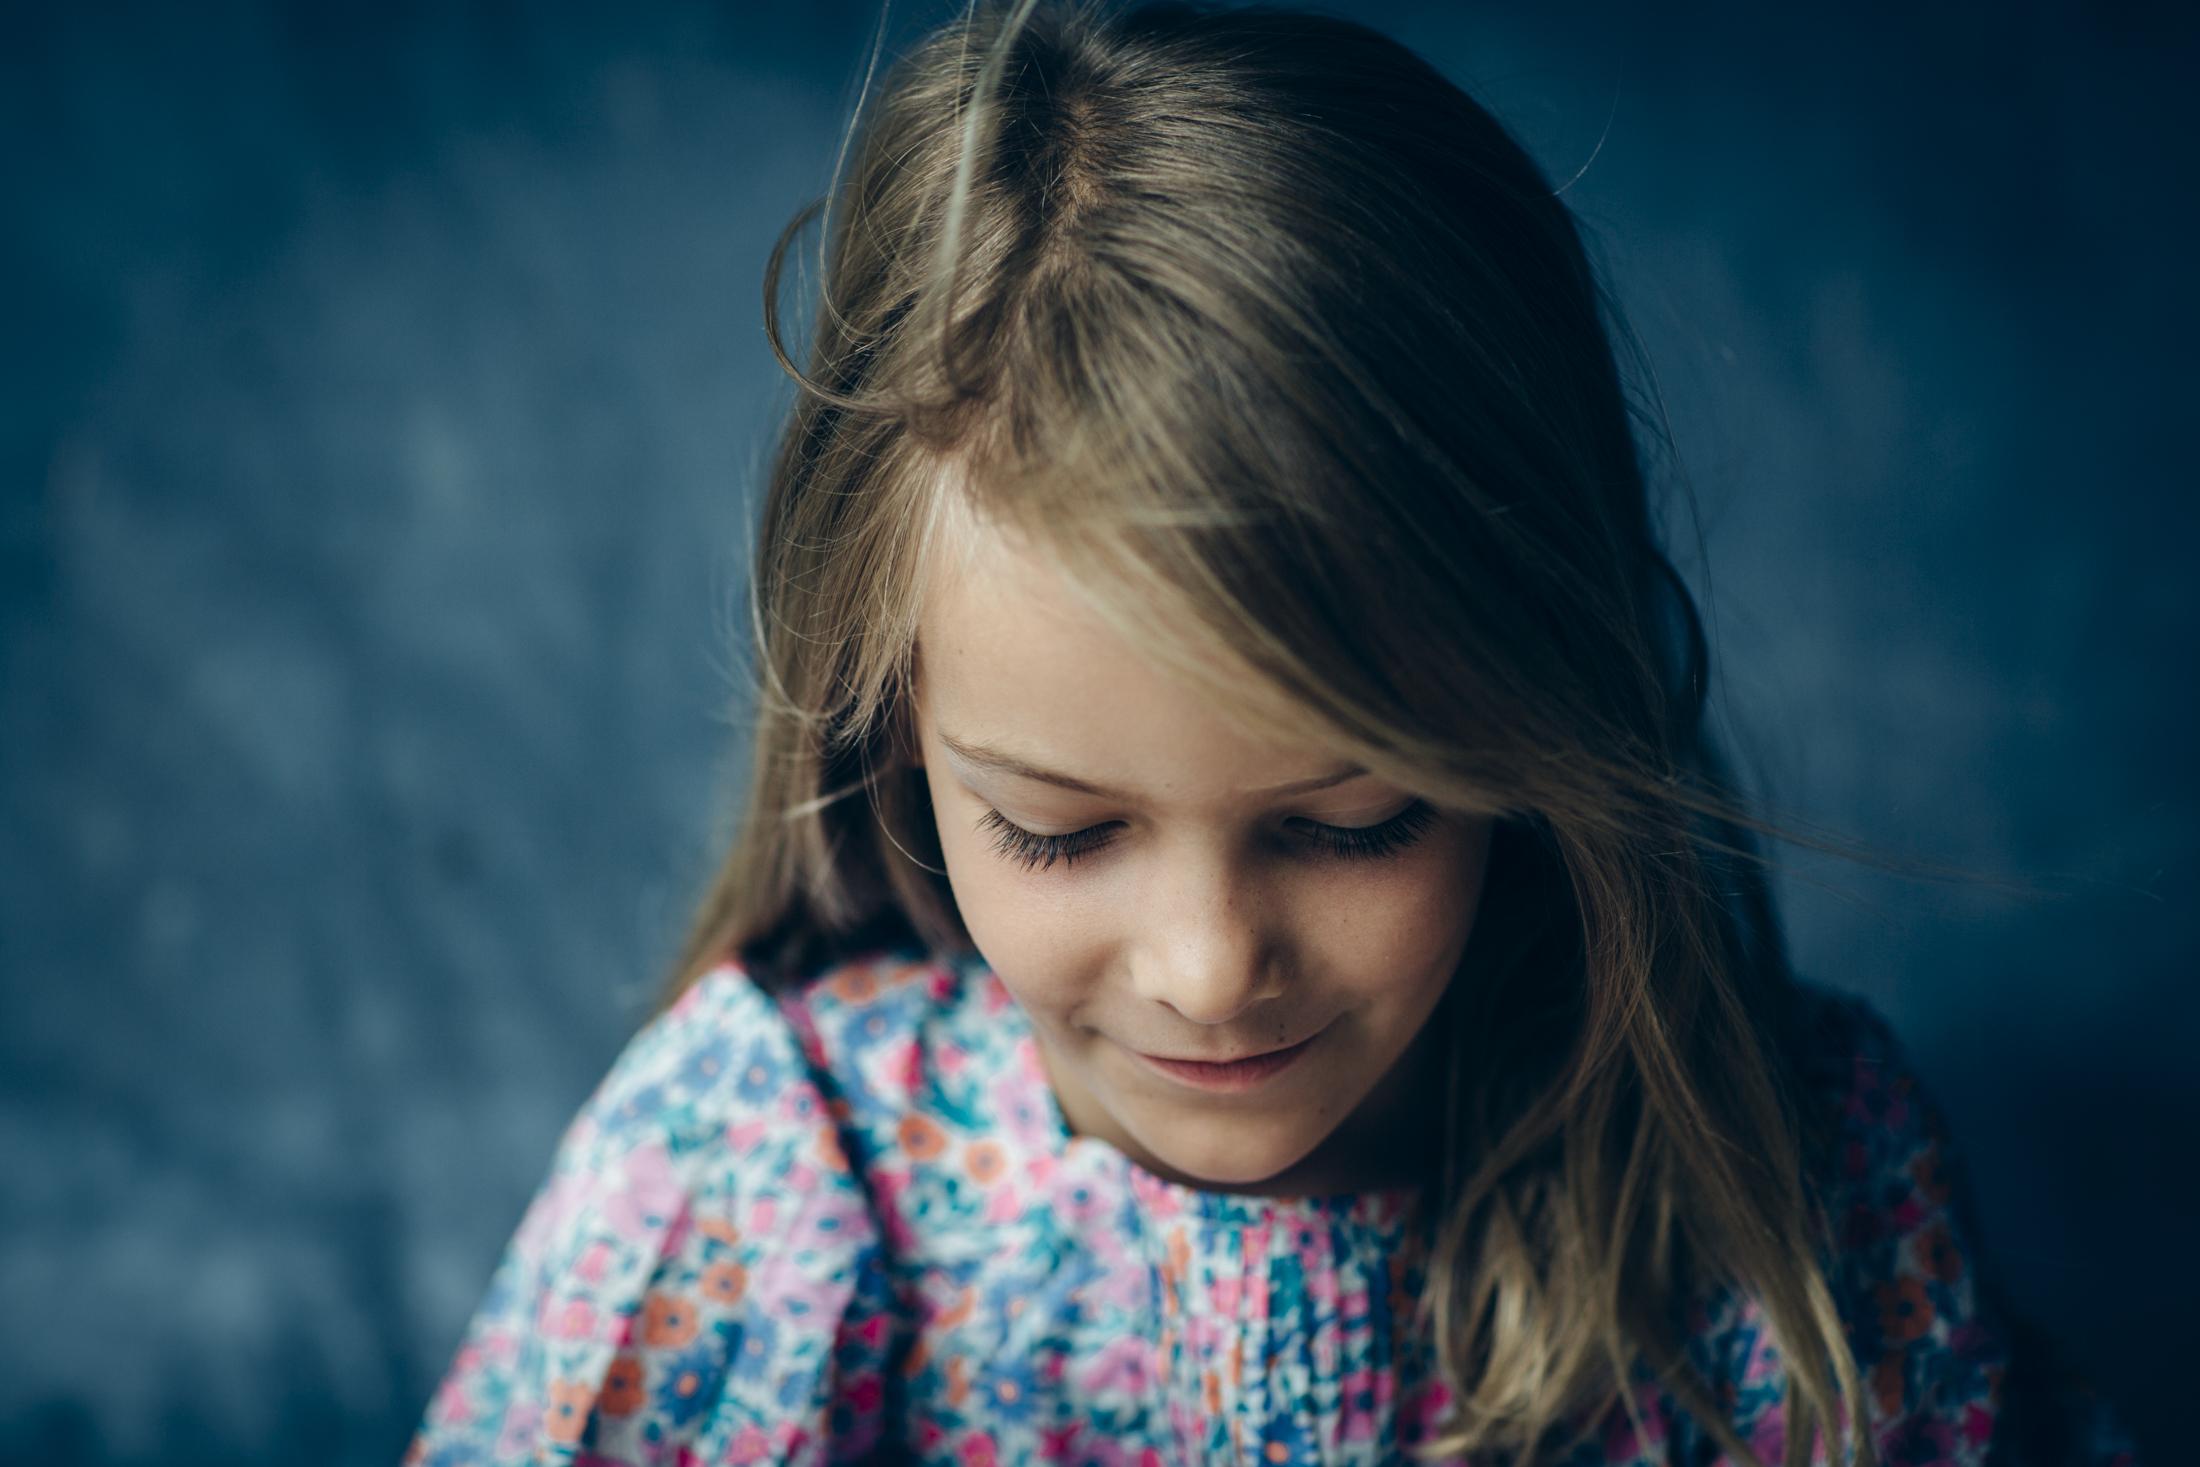 sydney_child_portrait_photgrapher_sheridan_nilsson-4783.jpg